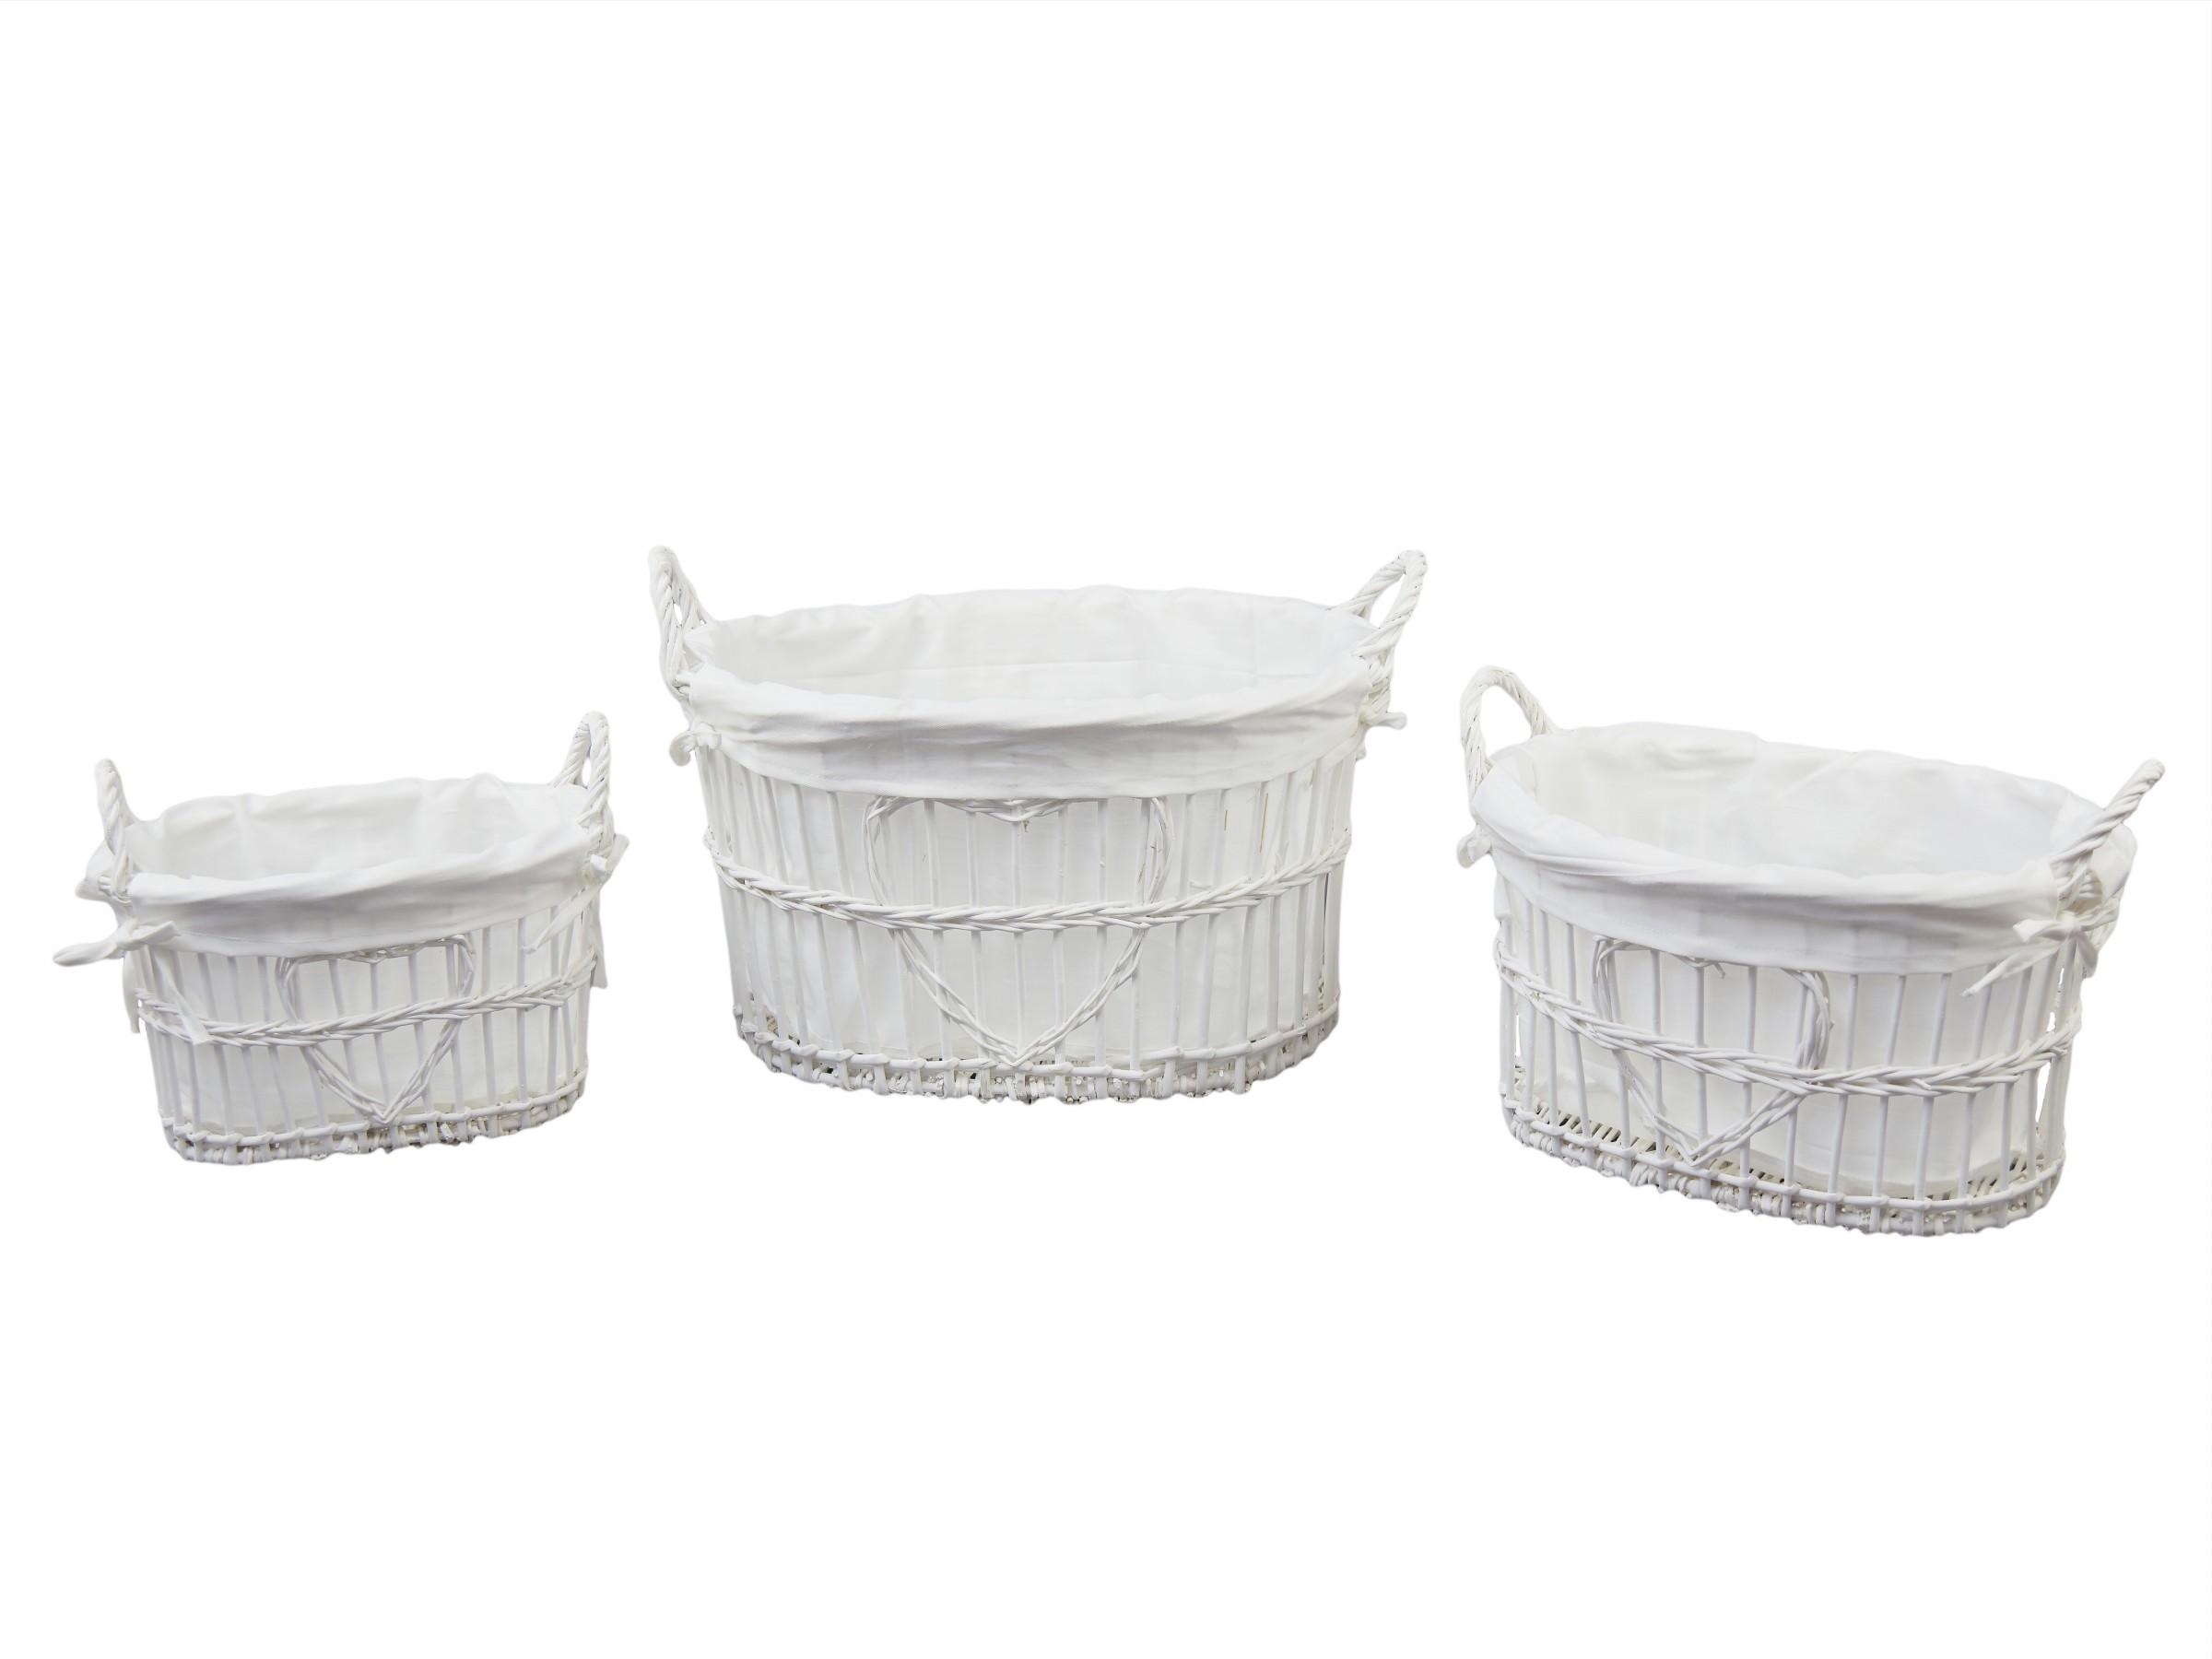 Proutěné koše bílé set 3ks Tvar: oválný